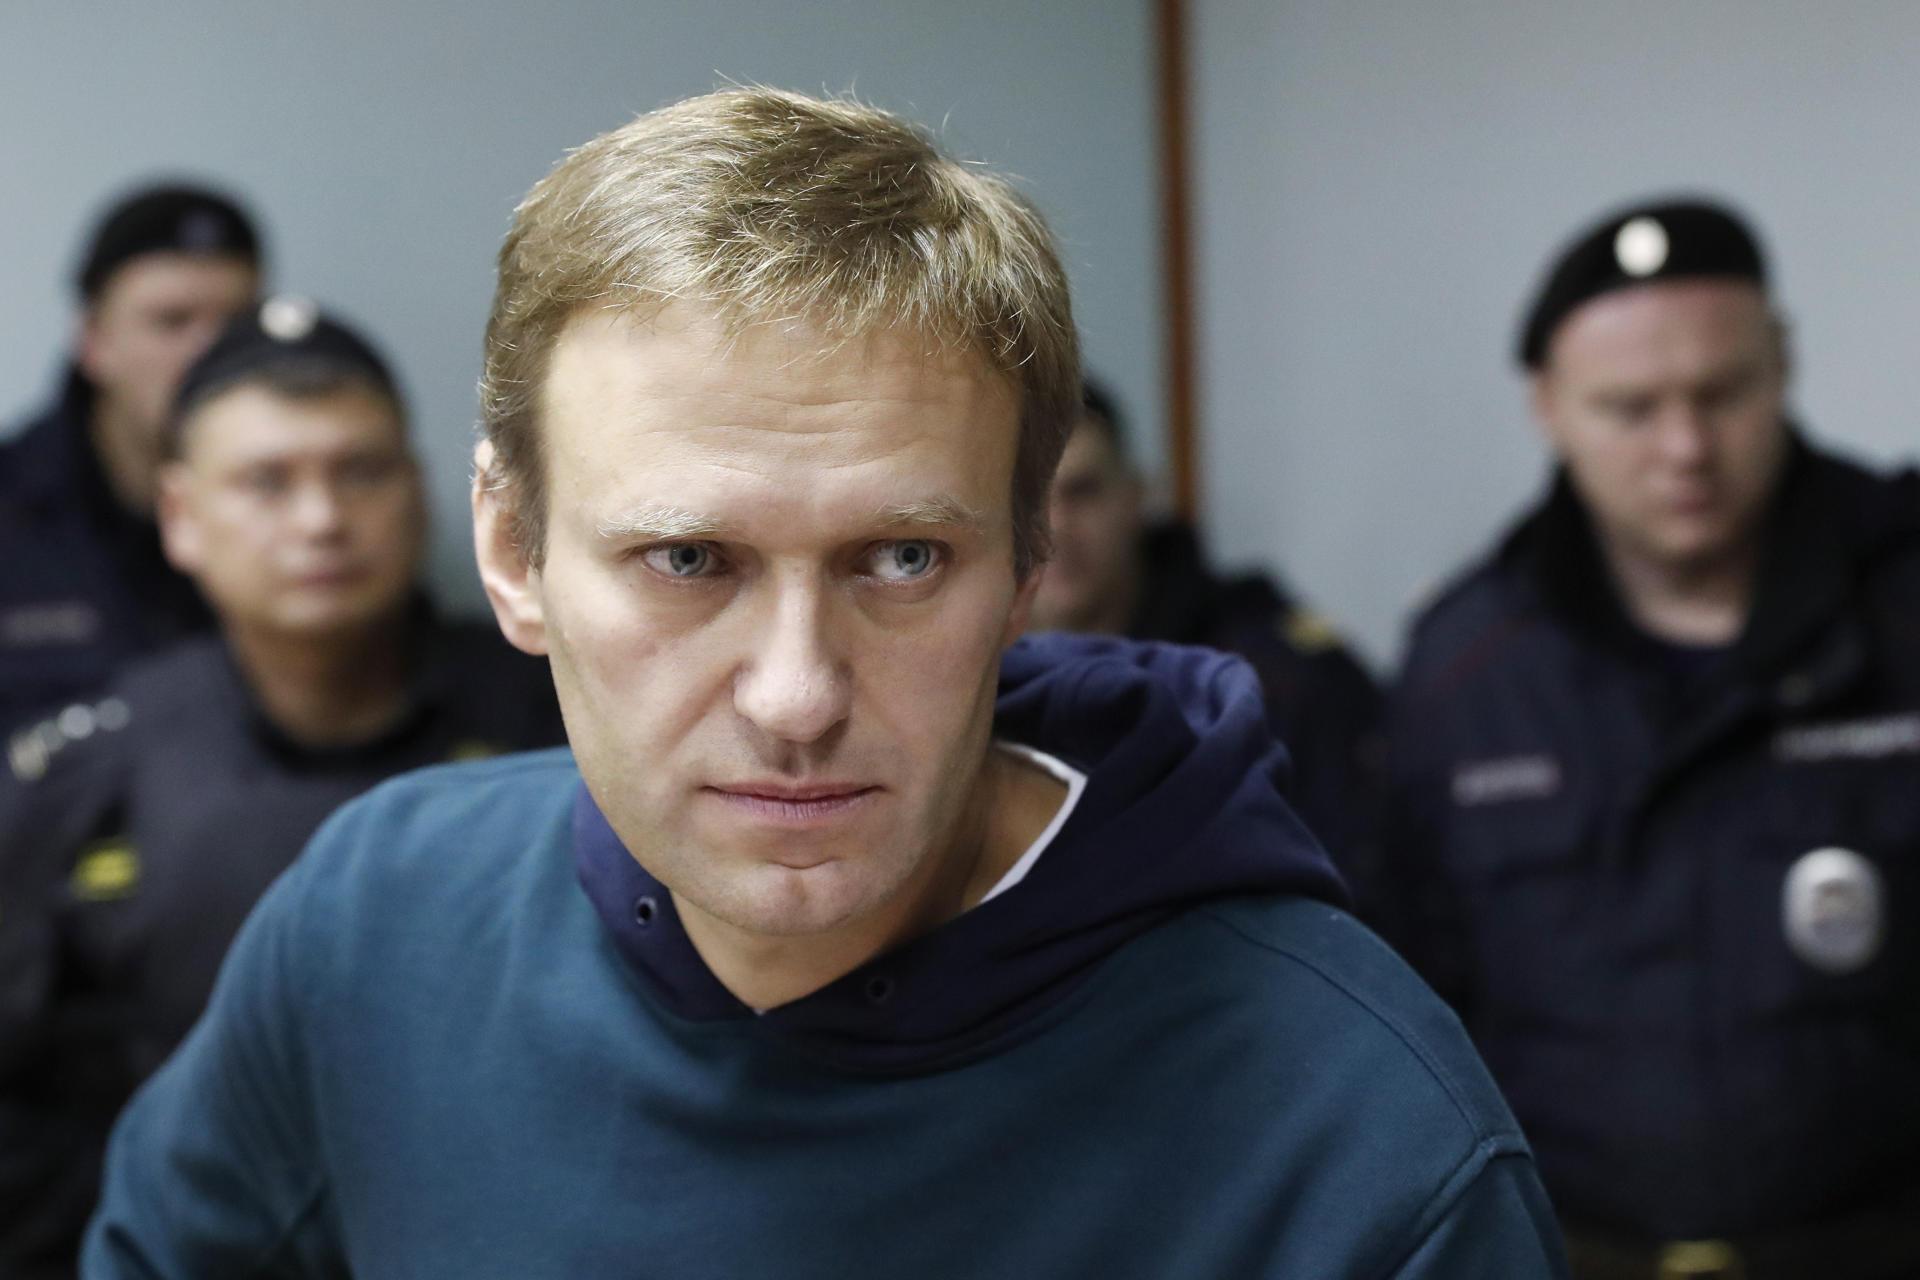 Affaire Navalny : Le gouvernement allemand fixe un ultimatum de quelques jours aux autorités russes